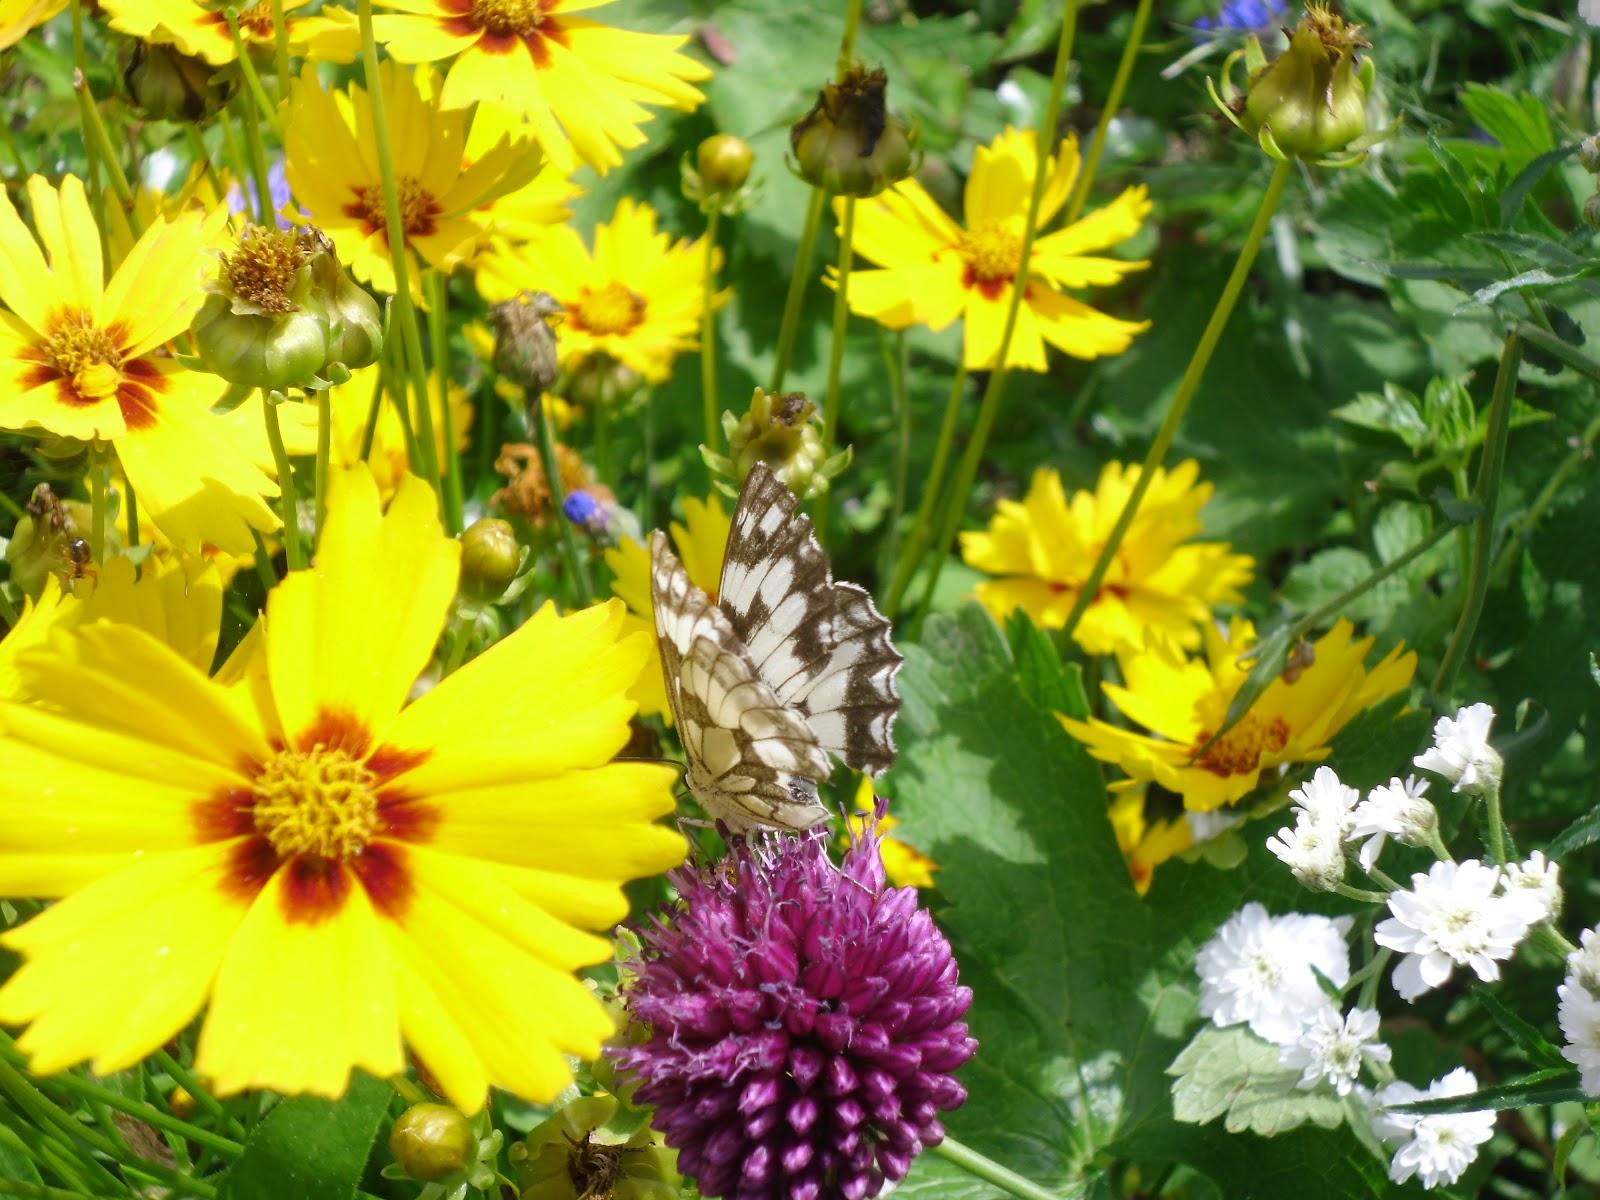 Le jardin des lutins les couleurs de l 39 t - Les couleurs de l ete ...